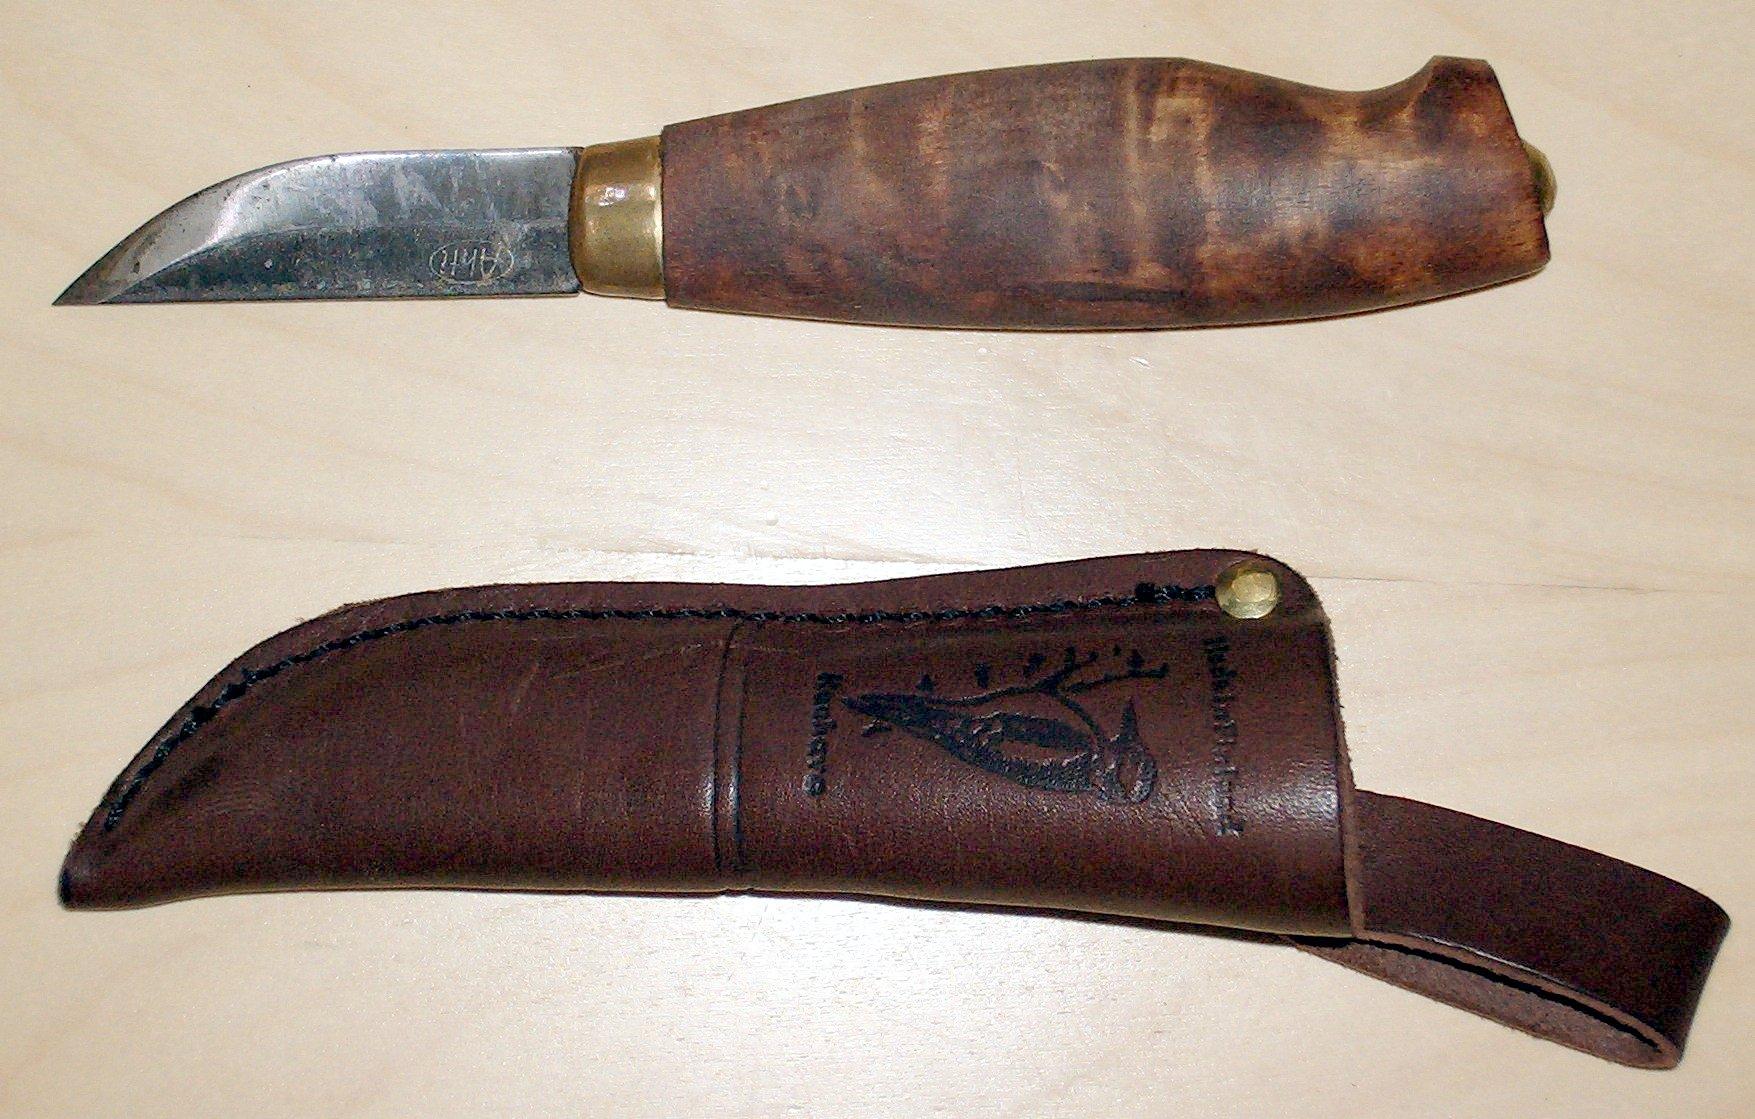 финские ножи из углеродистой стали улыбаемся, может даже